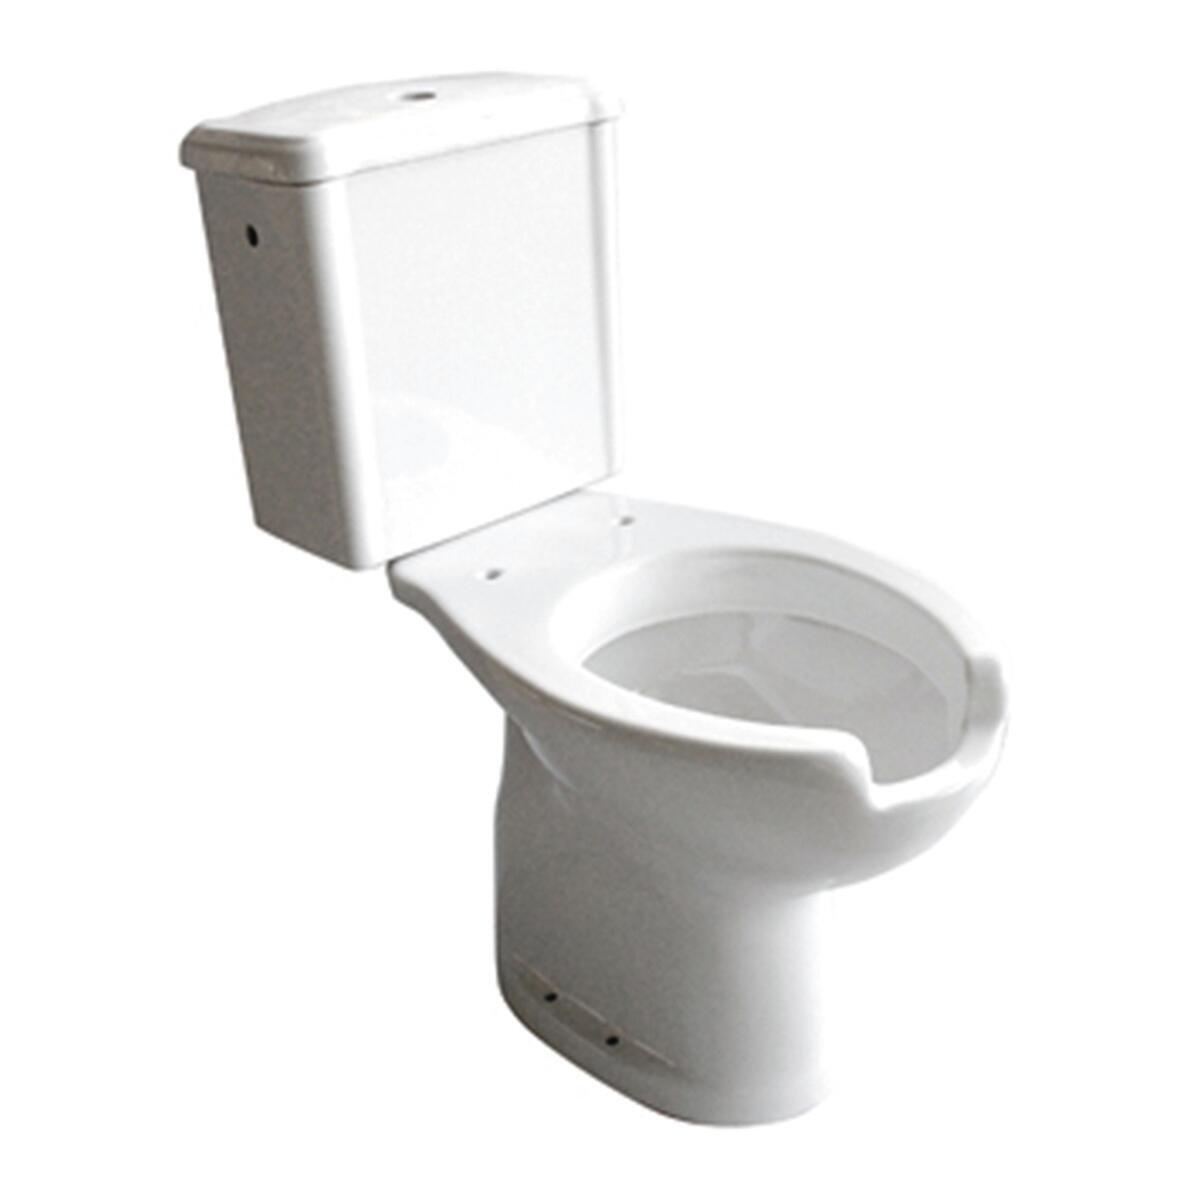 Vaso WC monoblocco Per disabili  - scarico pavimento